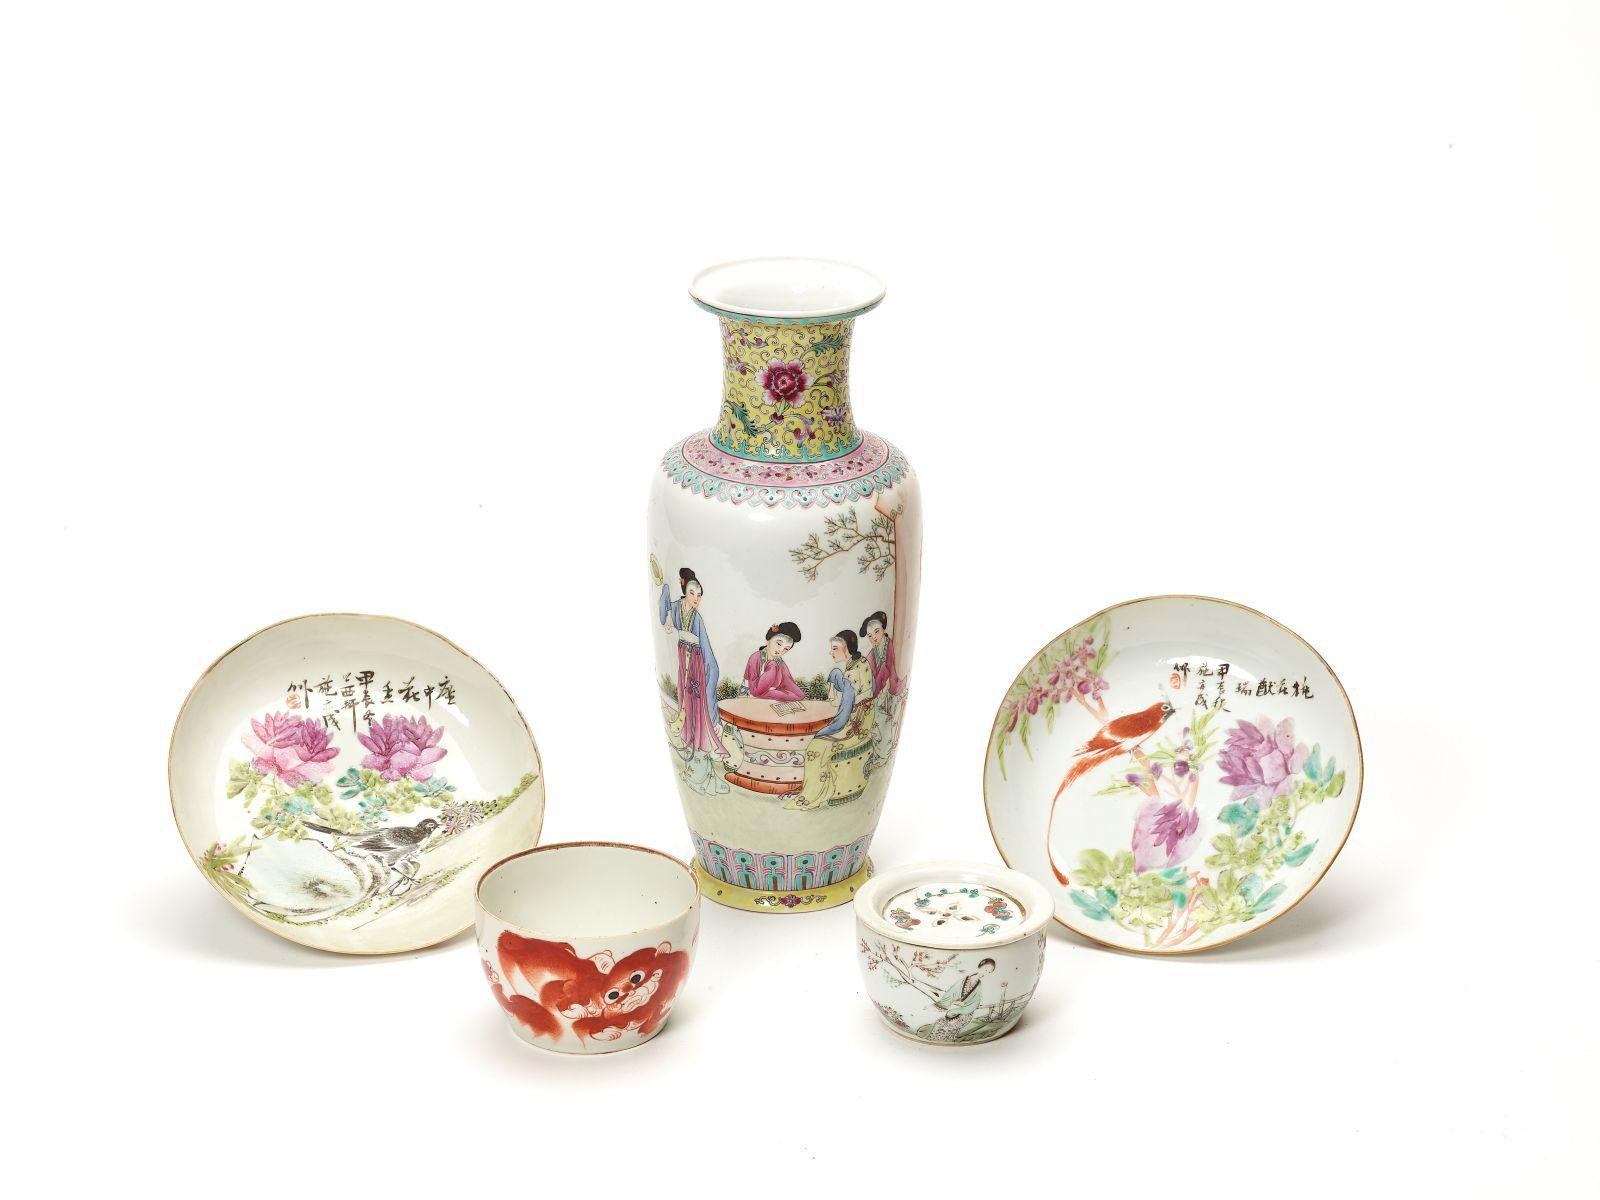 #204 A group of Chinese porcelain objects, Republic Period | Eine Gruppe chinesischer Porzellanobjekte aus der Zeit der Republik Image